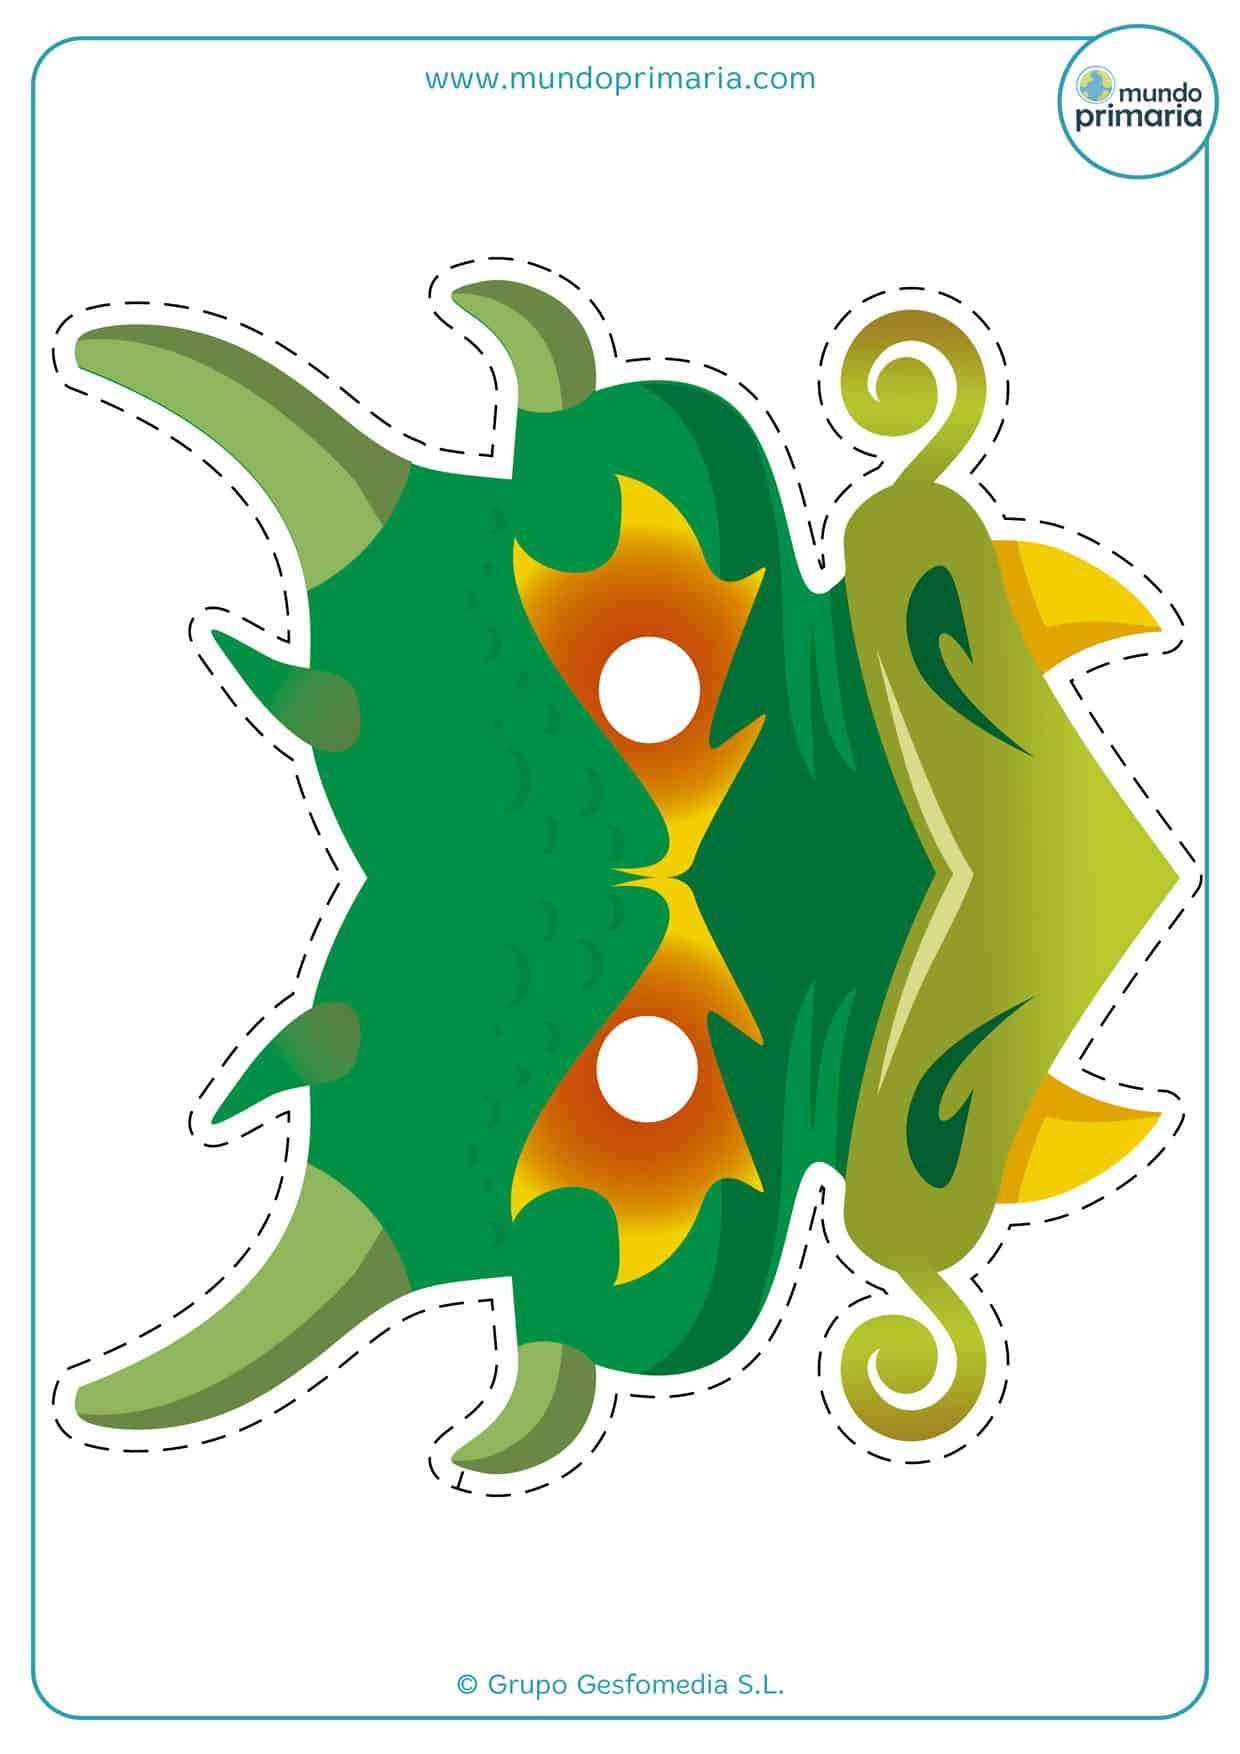 Terrorífica careta de un dragón verde.